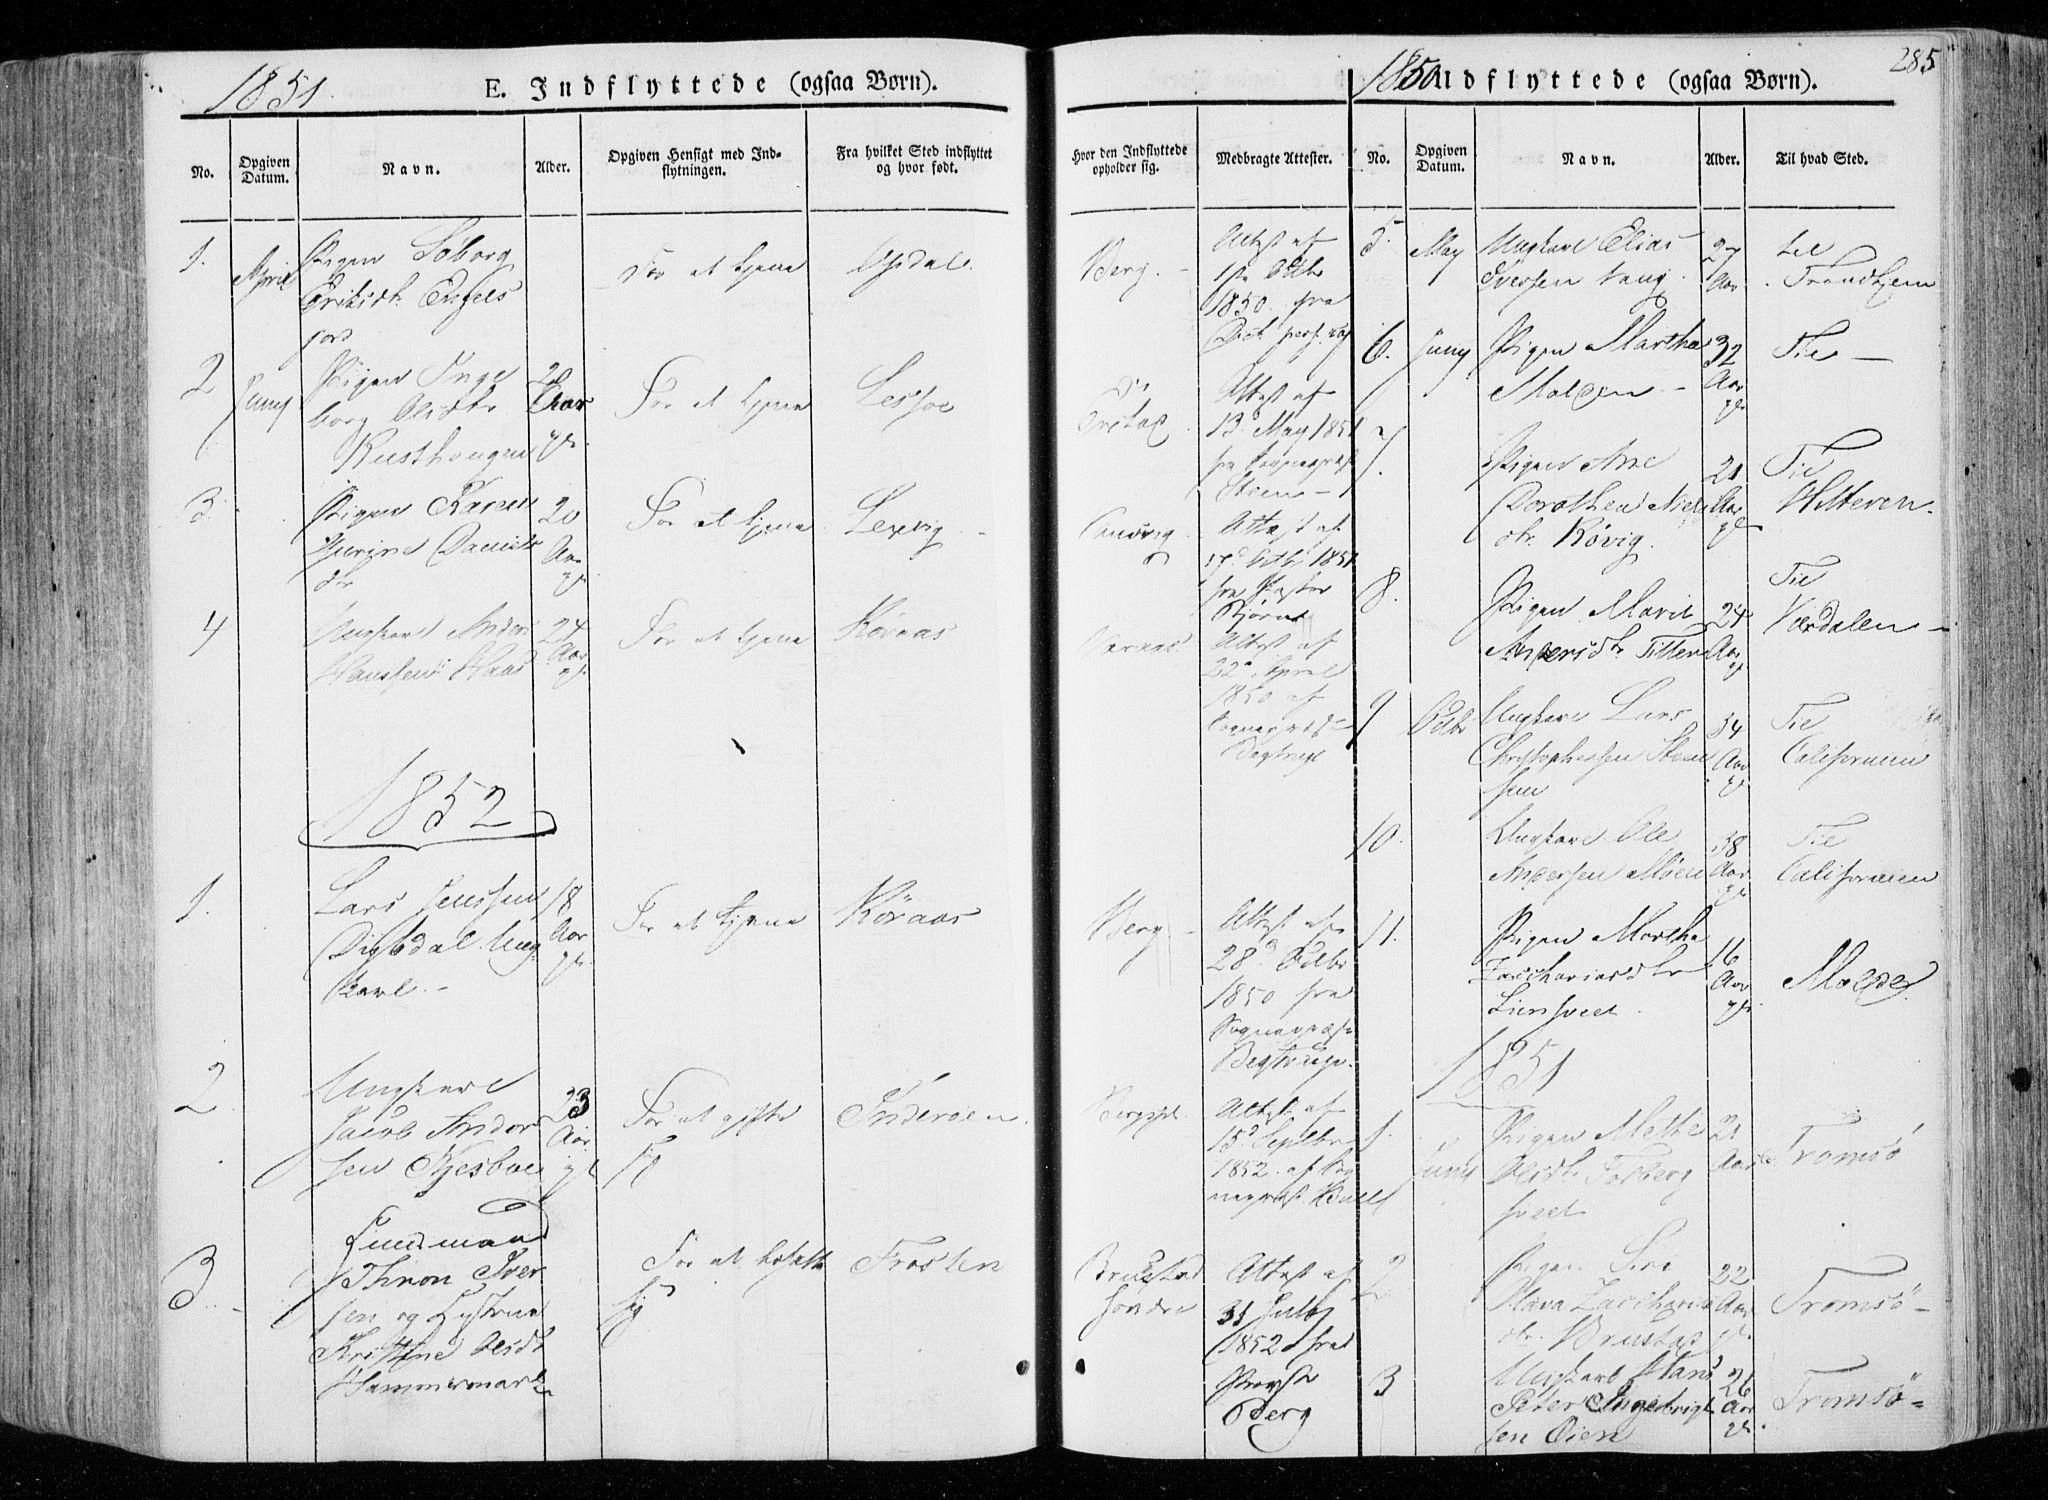 SAT, Ministerialprotokoller, klokkerbøker og fødselsregistre - Nord-Trøndelag, 722/L0218: Ministerialbok nr. 722A05, 1843-1868, s. 285